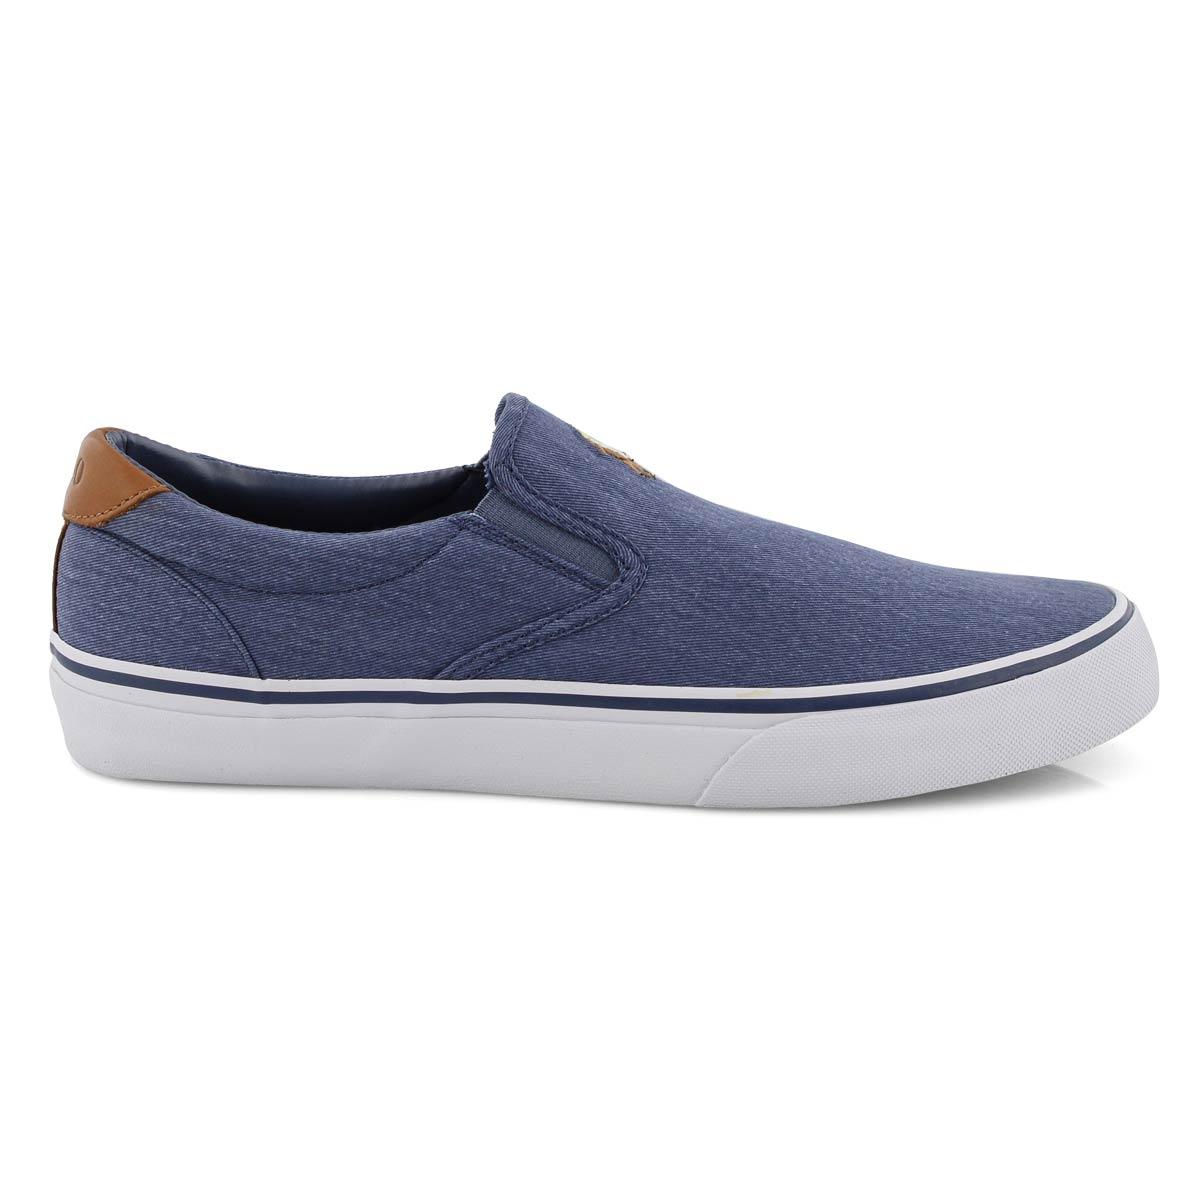 Mns Thompson navy slip on sneaker